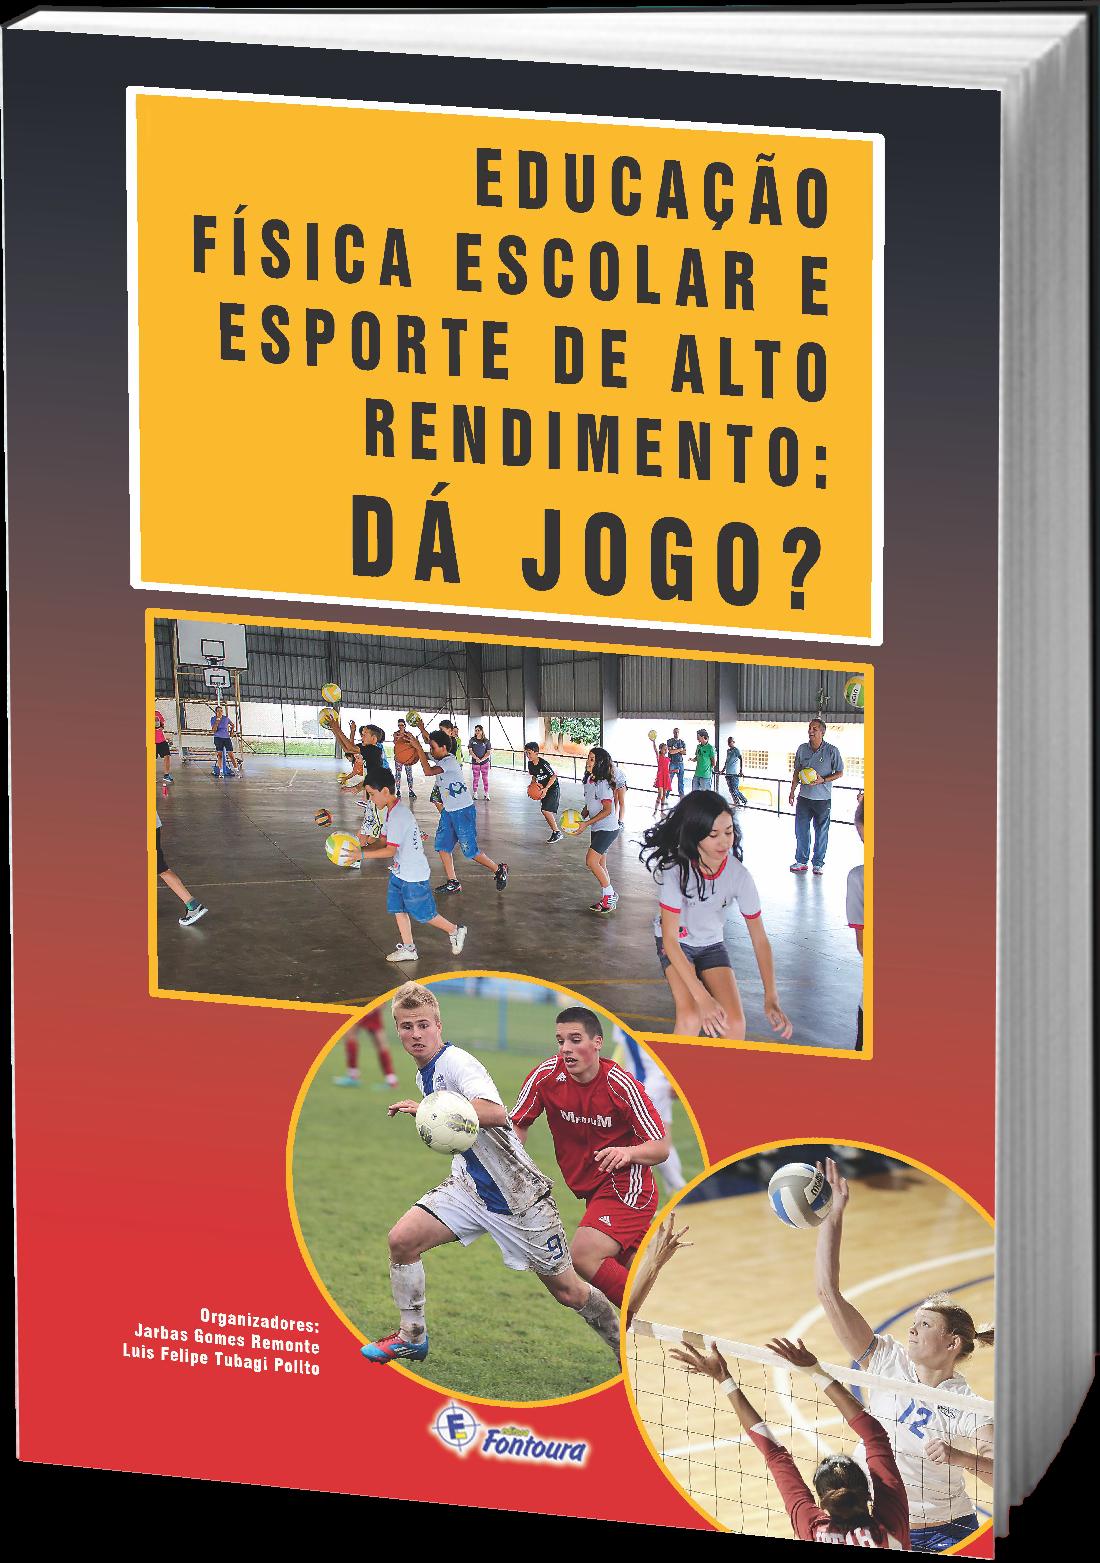 EDUCAÇÃO FÍSICA ESCOLAR E ESPORTE DE ALTO RENDIMENTO: DÁ JOGO?